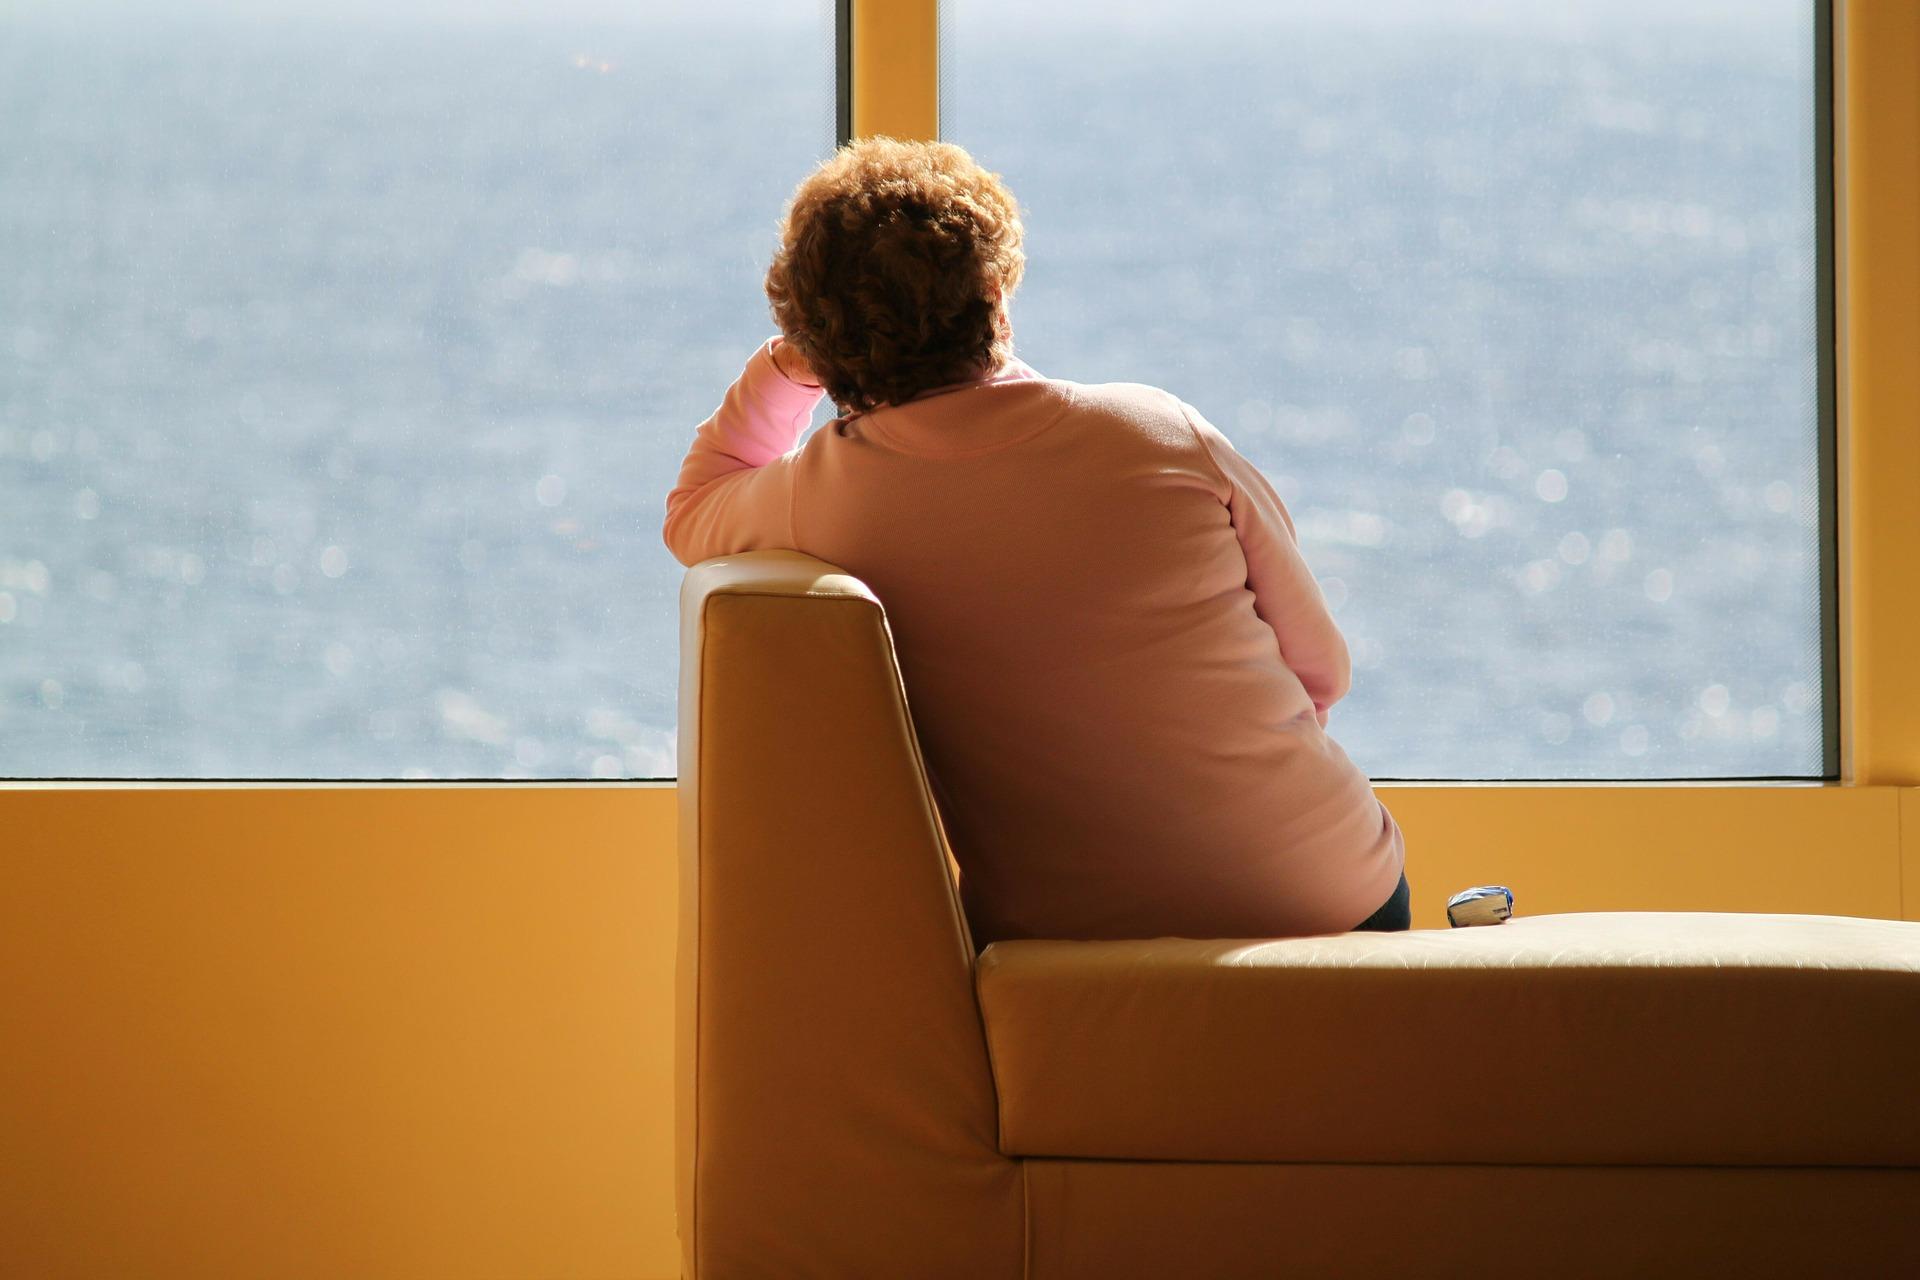 femme vue sur mer - problème de cystite